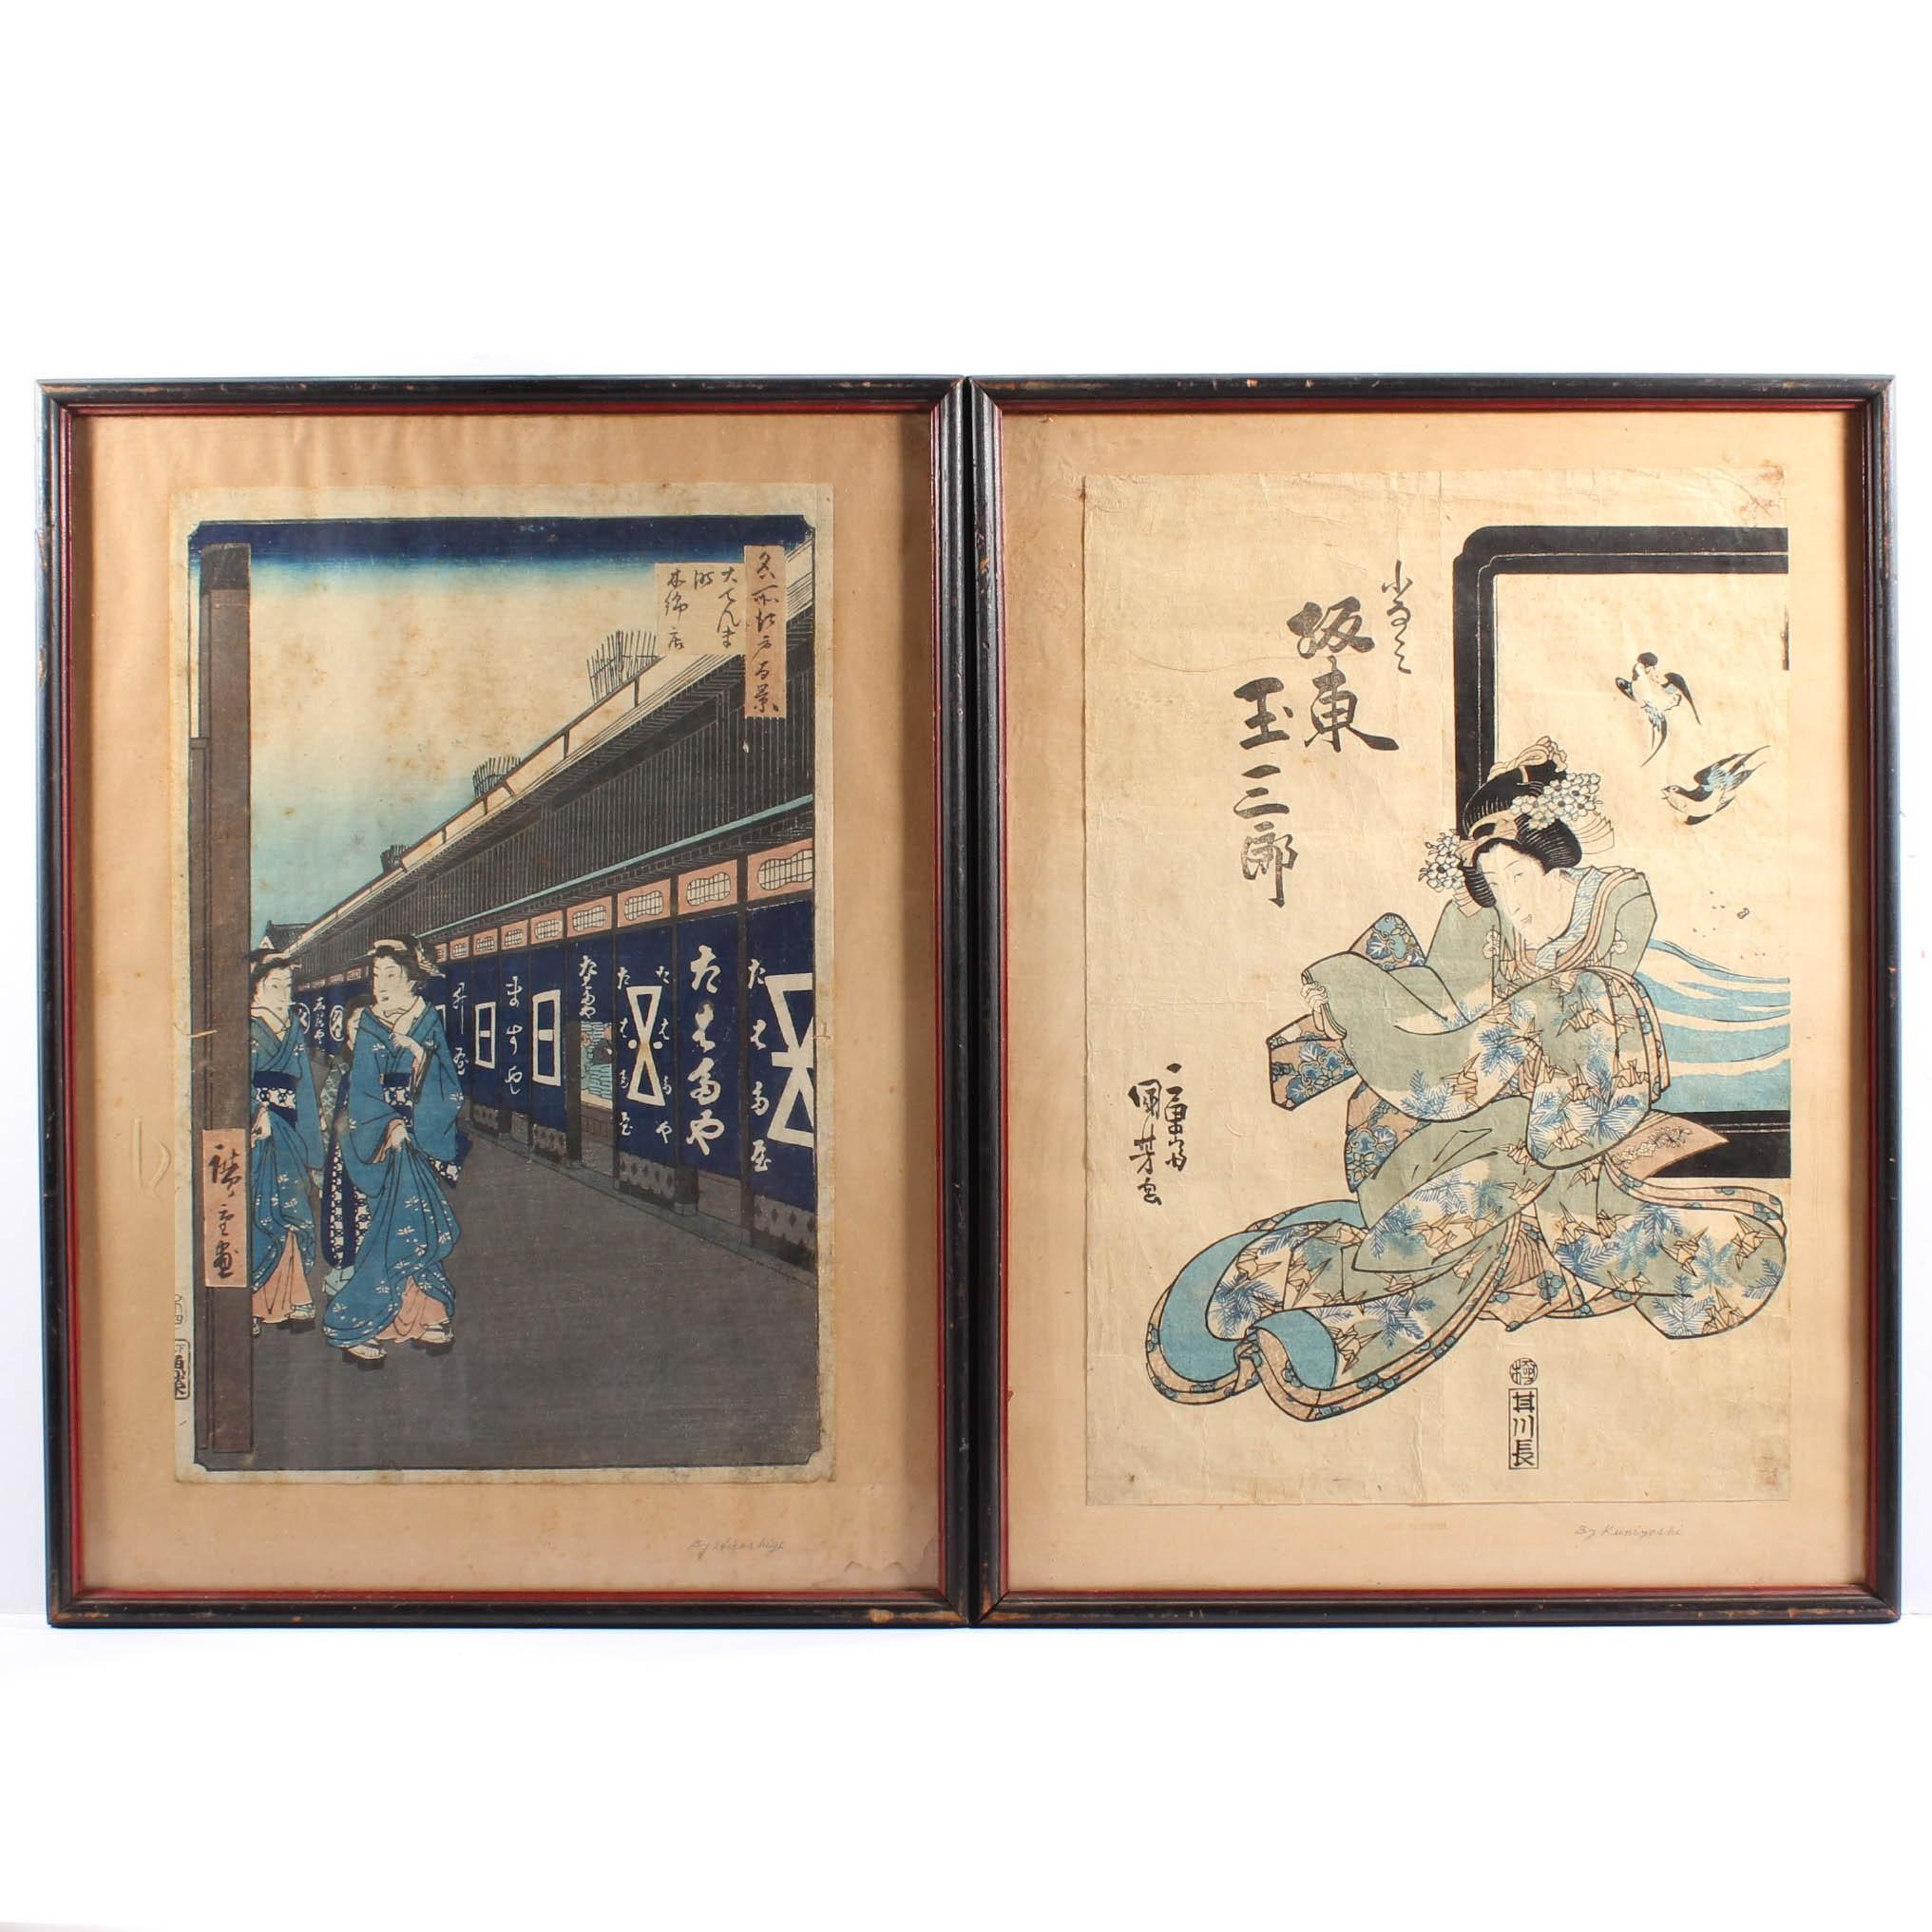 Kuniyoshi Ukiyo-e Woodblock of Bandō Tamasaburō and Wooblock After Hiroshige